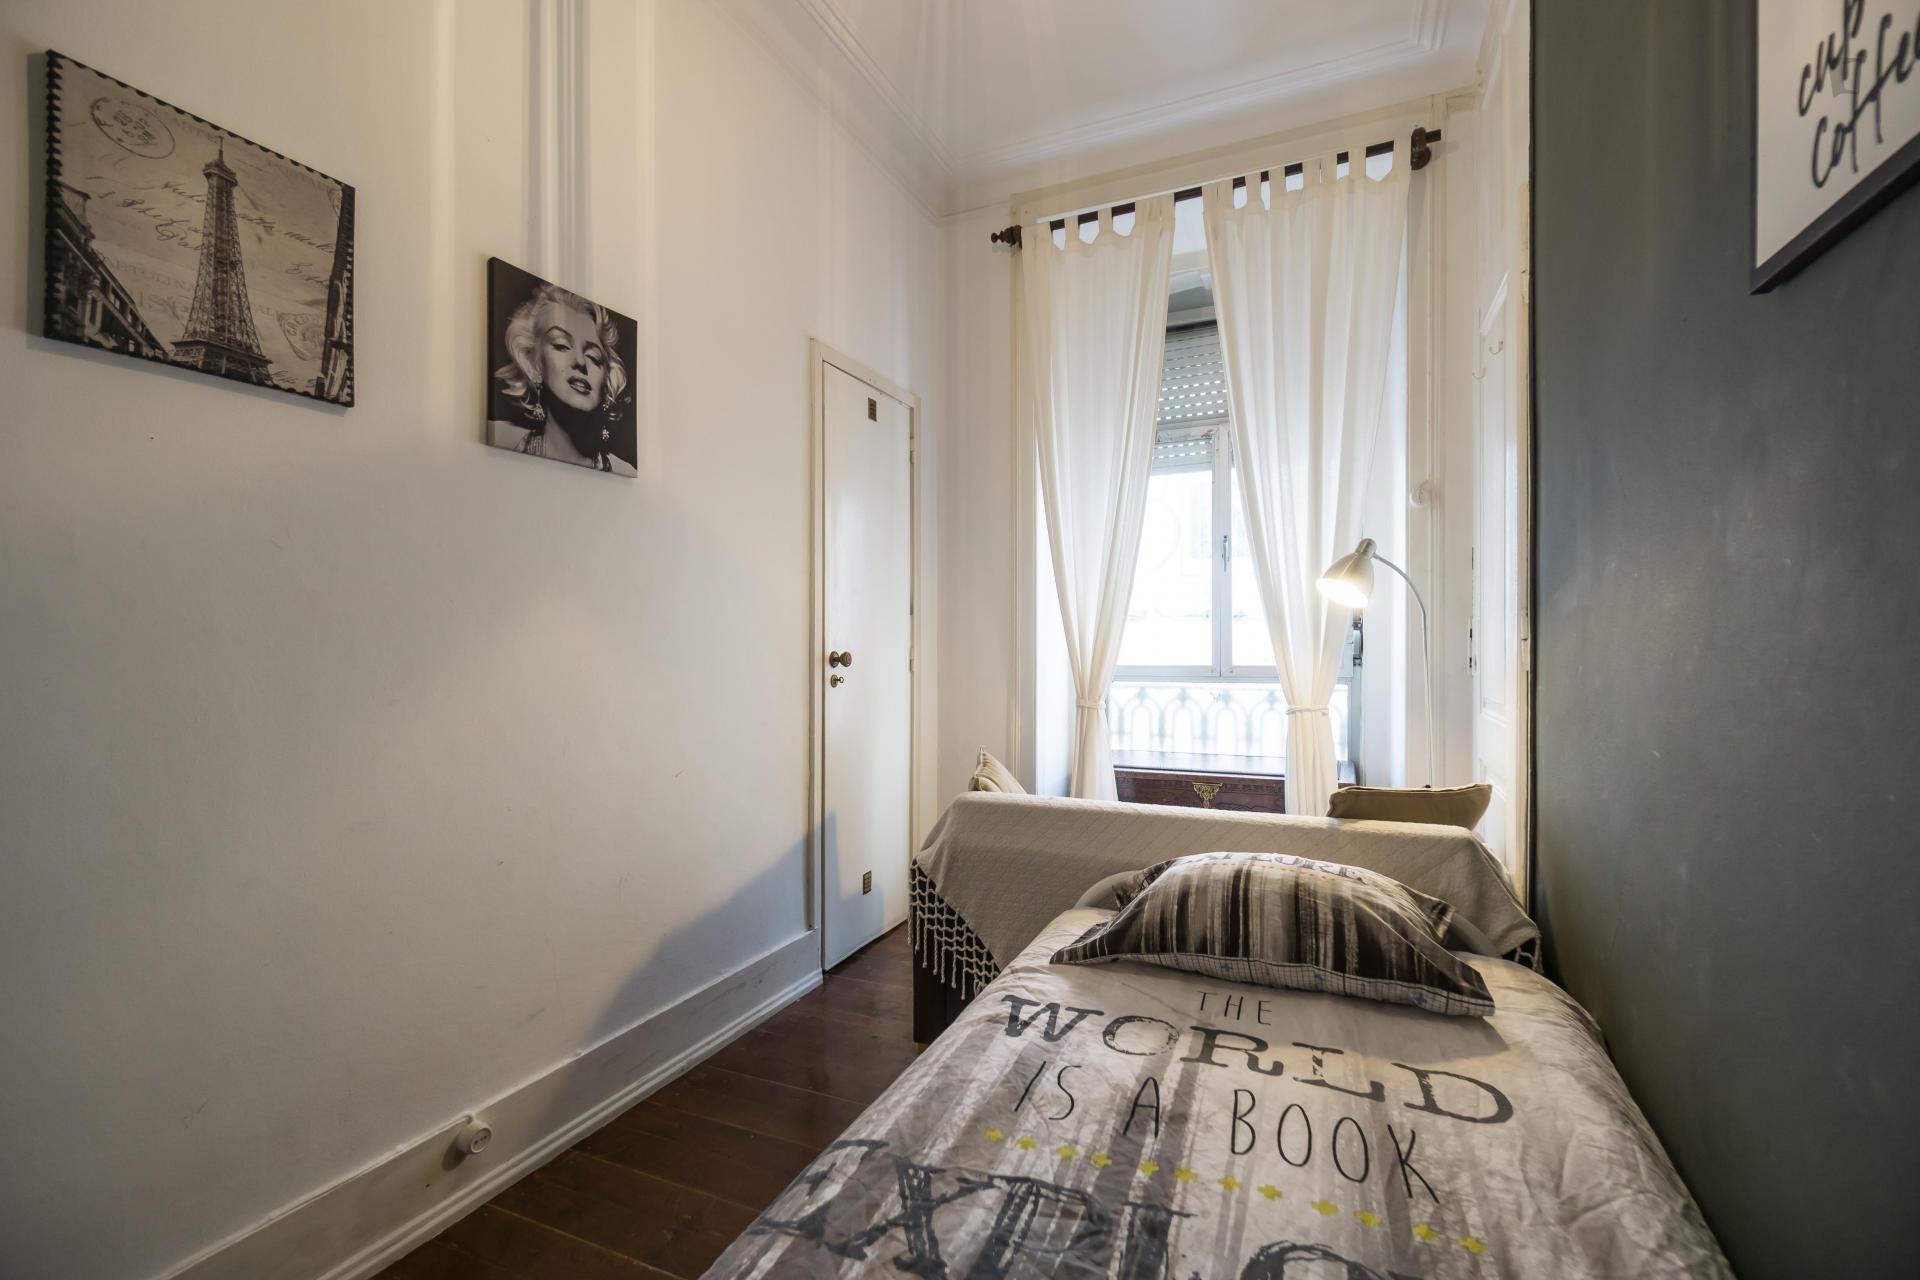 Teixeira- Single bedroom in shared flat in Lisbon